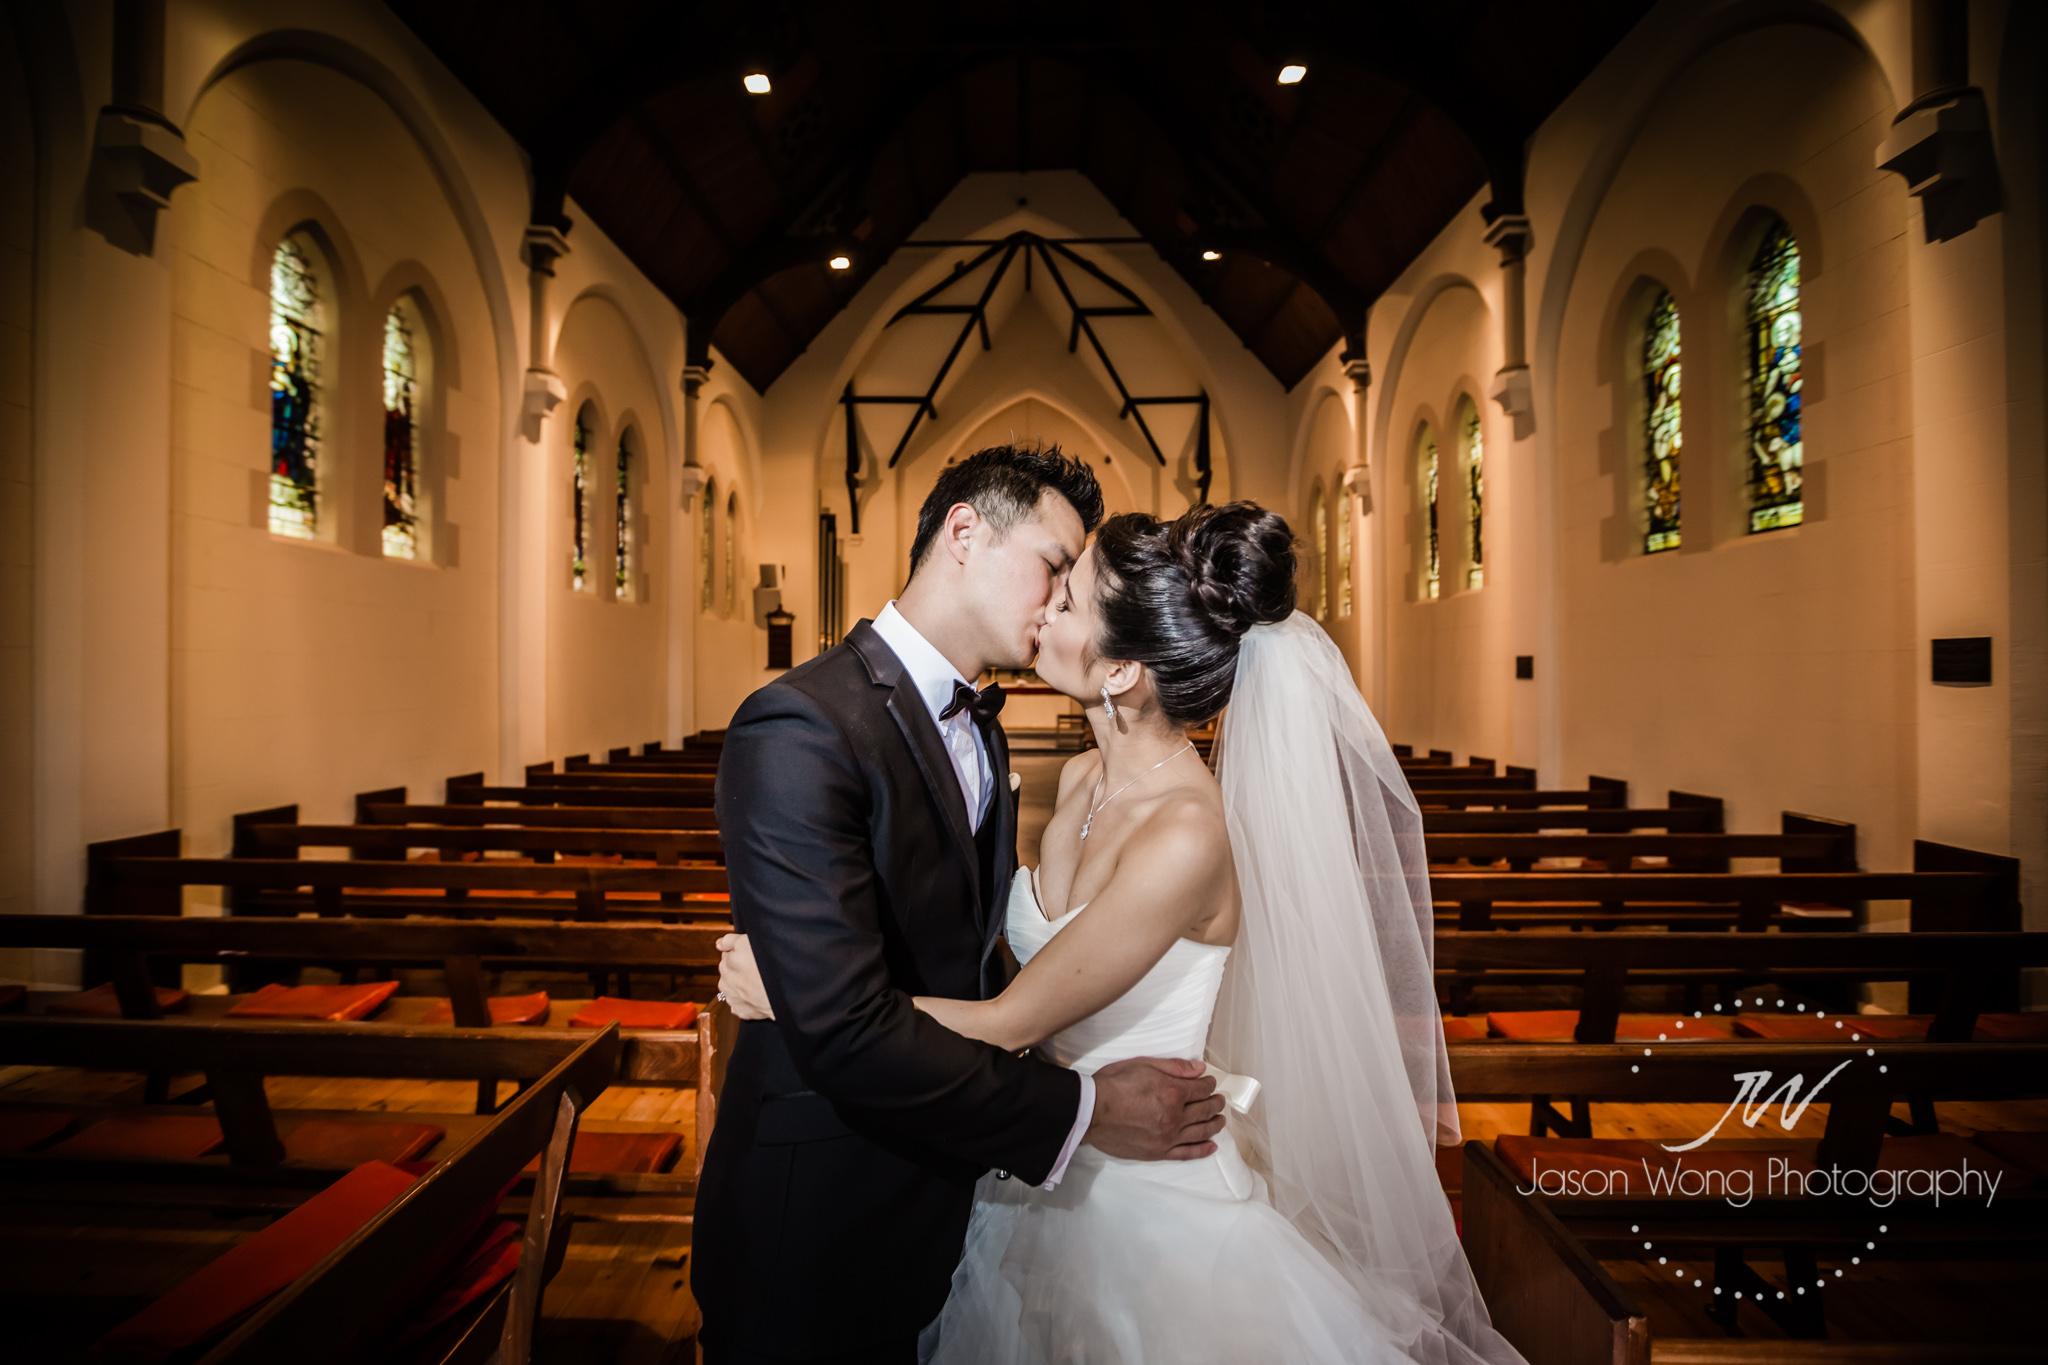 a-kiss-in-a-church-bride-and-groom.jpg